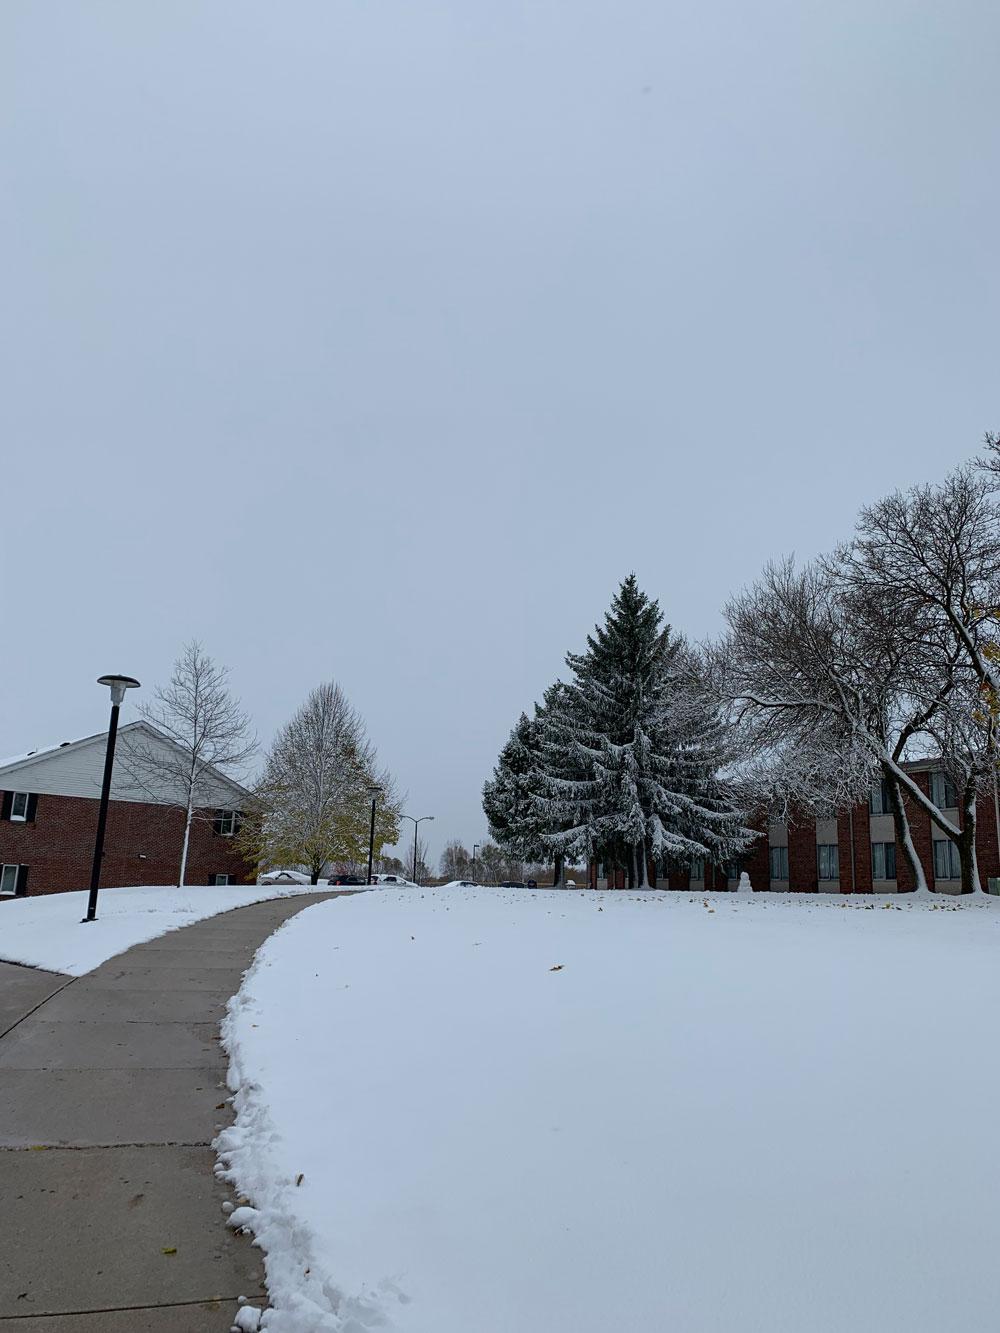 アメリカ ウィスコンシン州で雪